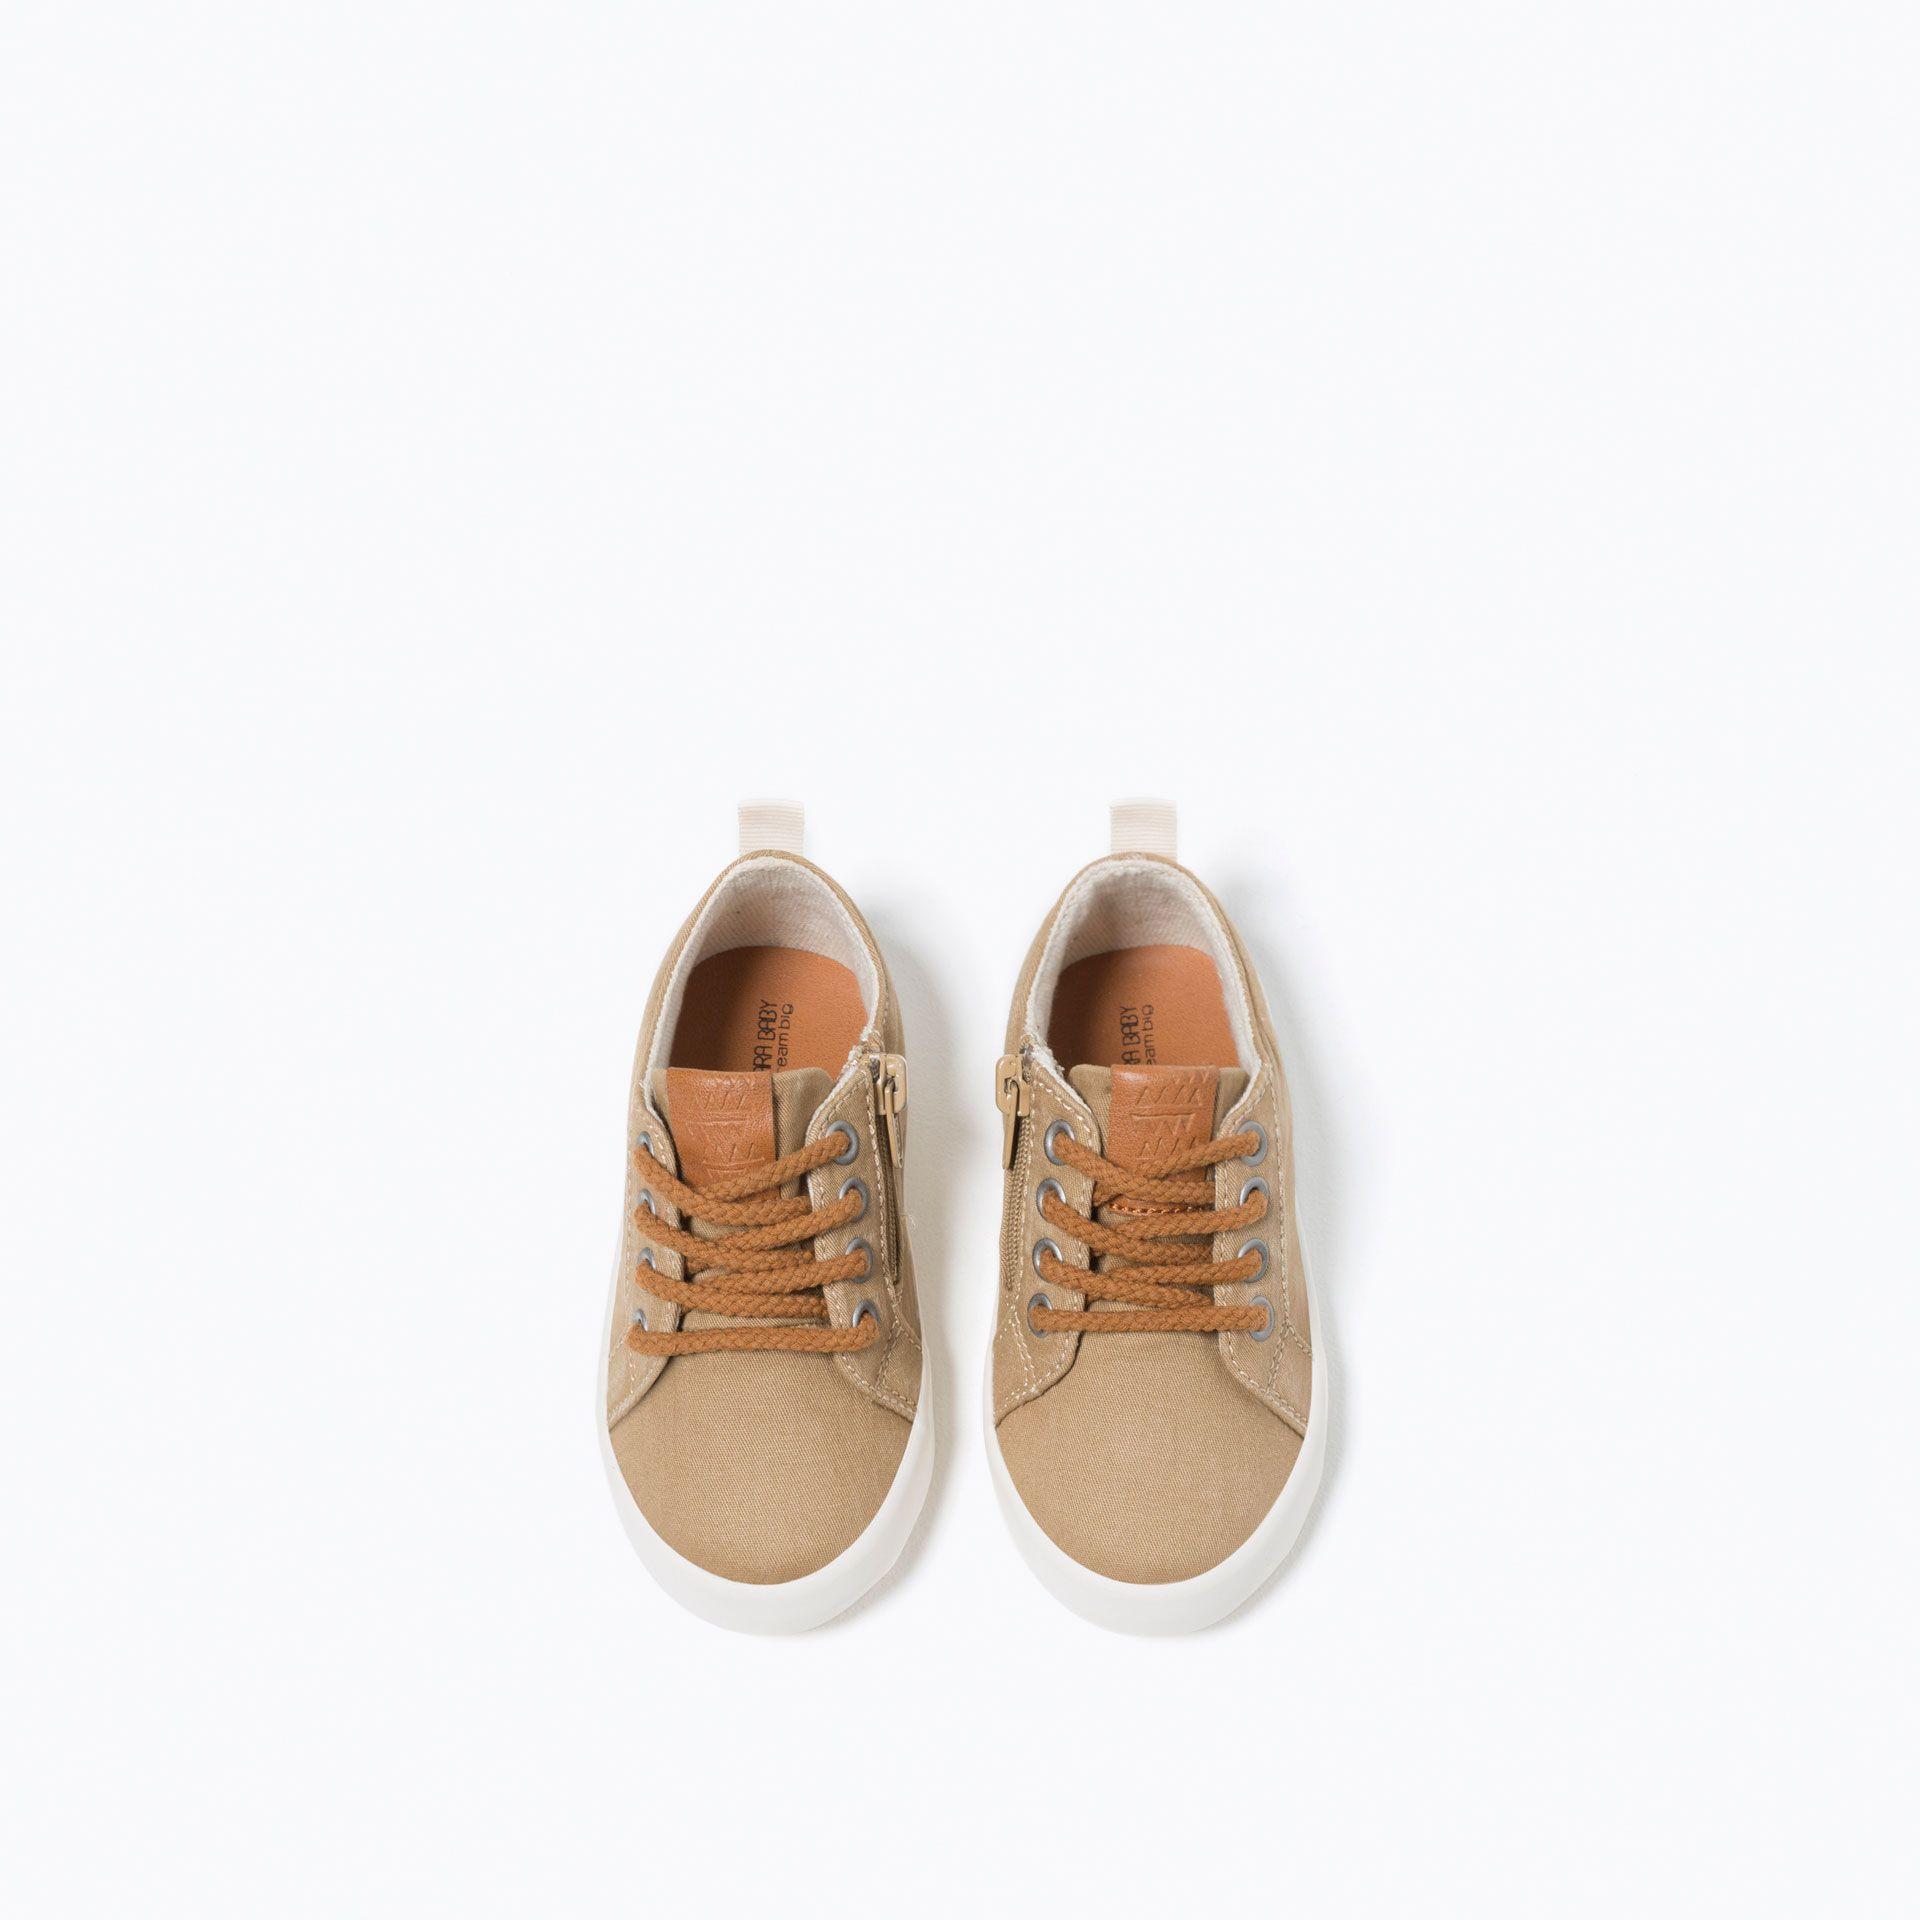 Tekstylne Tenisowki Z Suwakiem Buty Niemowle Chlopiec 3 Miesiace 4 Lata Dzieci Sperry Sneaker Sneakers Shoes